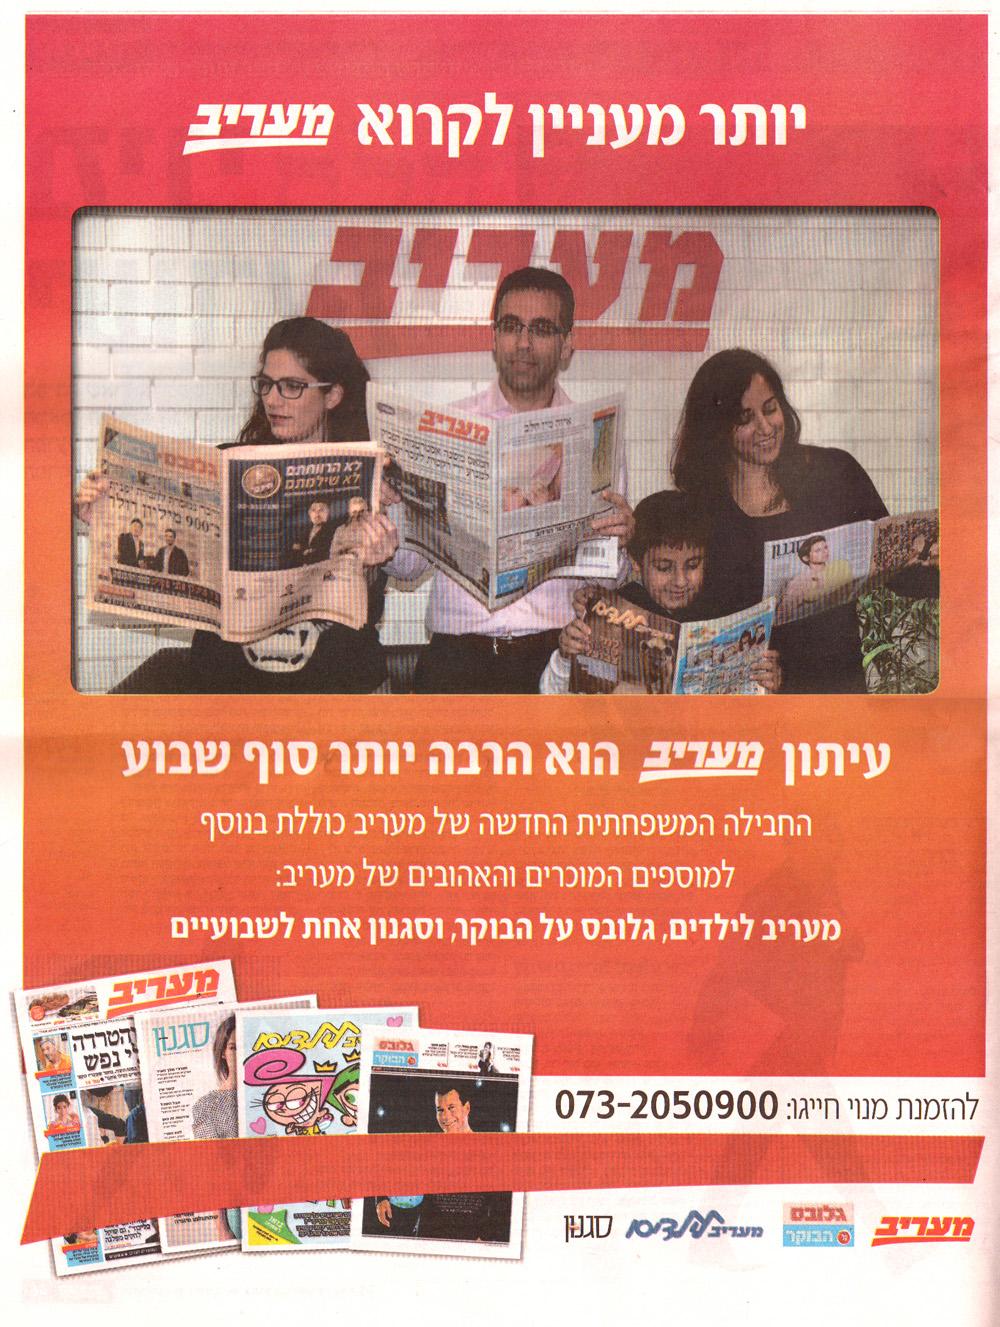 """""""עיתון מעריב הוא הרבה יותר סוף שבוע"""", פרסומת עצמית במהדורת הערב החינמית של העיתון, 3.3.14 (צילום: """"העין השביעית"""")"""